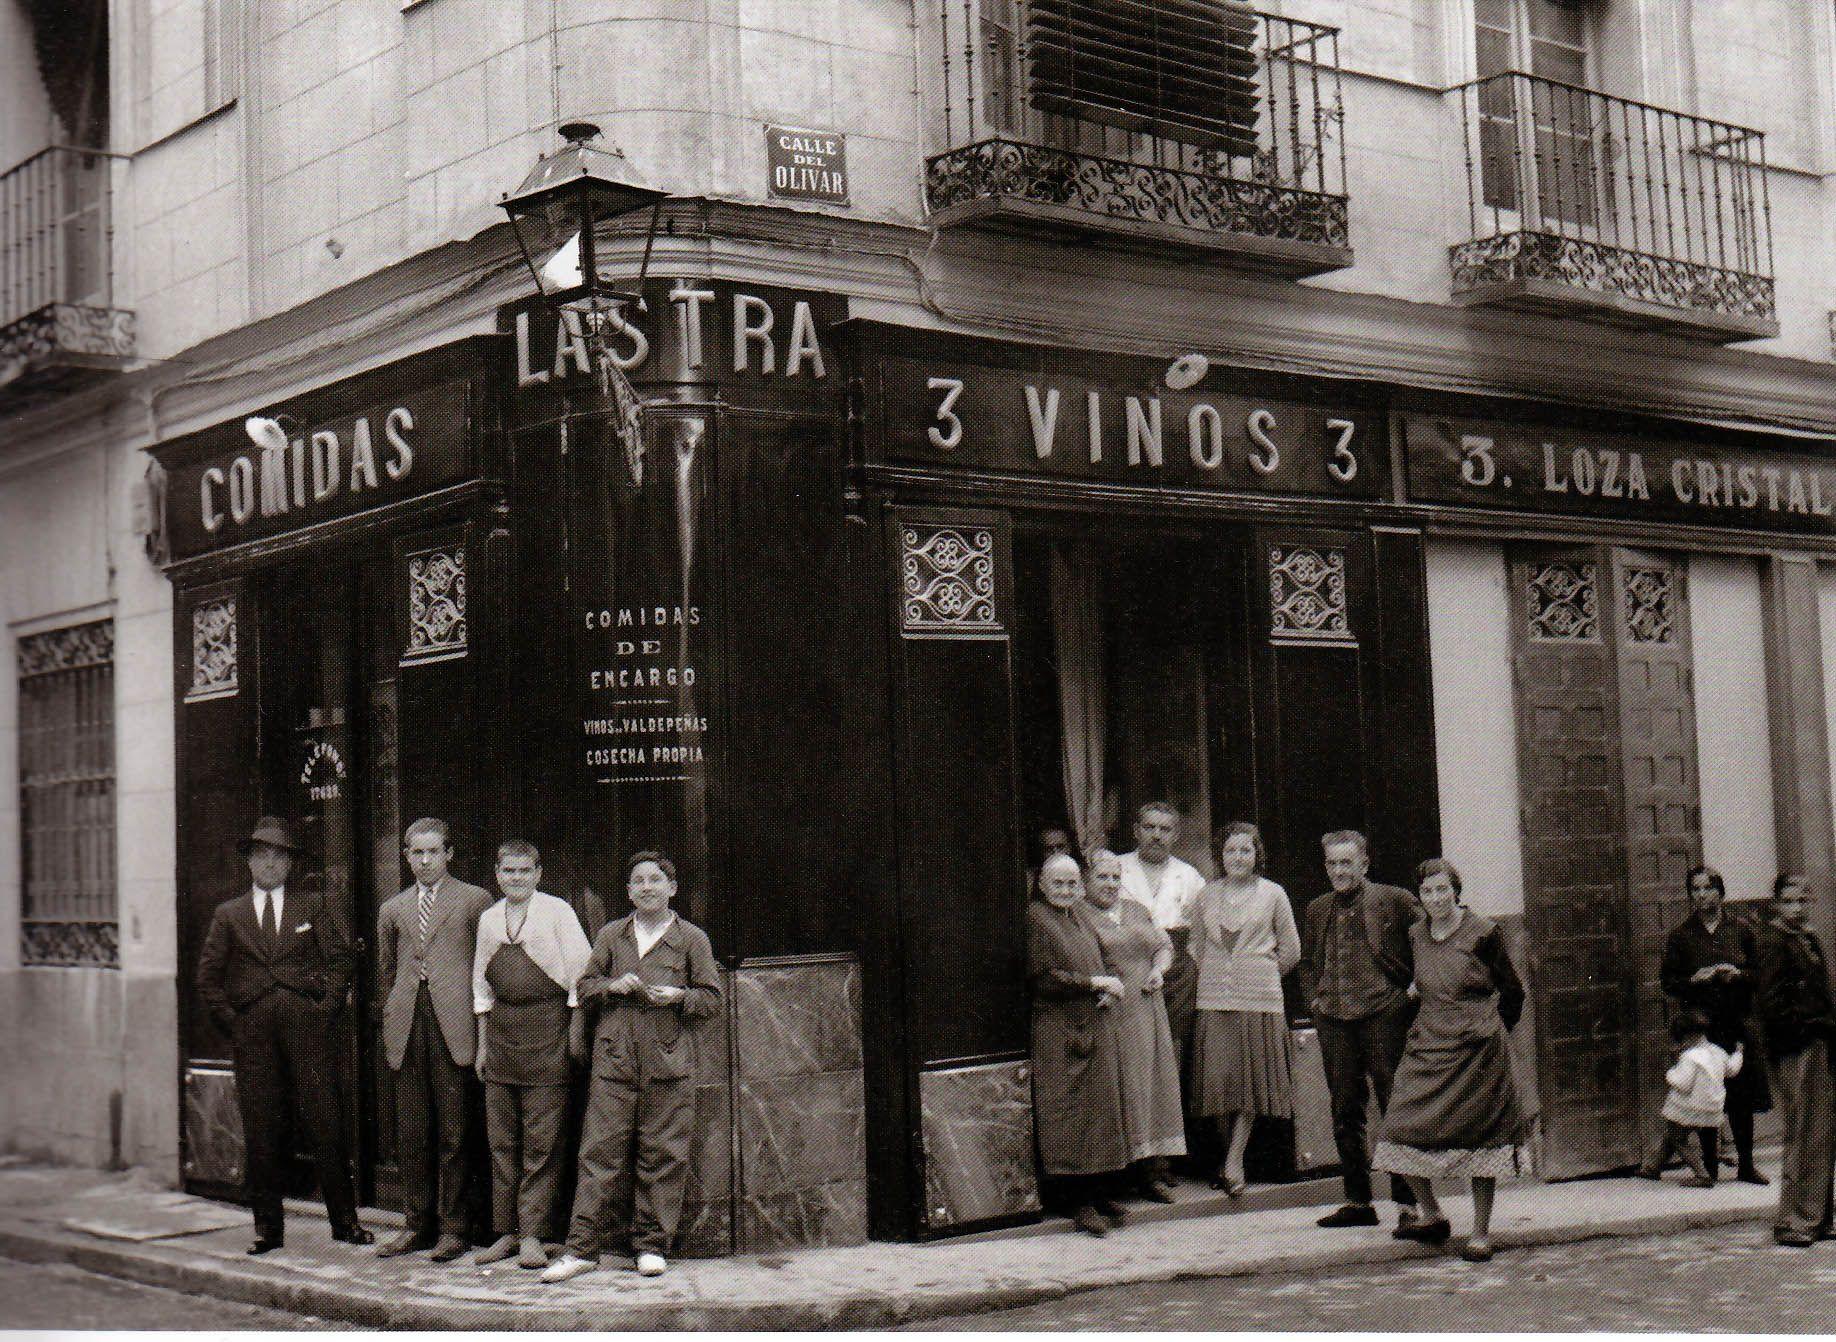 Casa de comidas lastra en la calle olivar 1921 santos - Calle torrente valencia ...